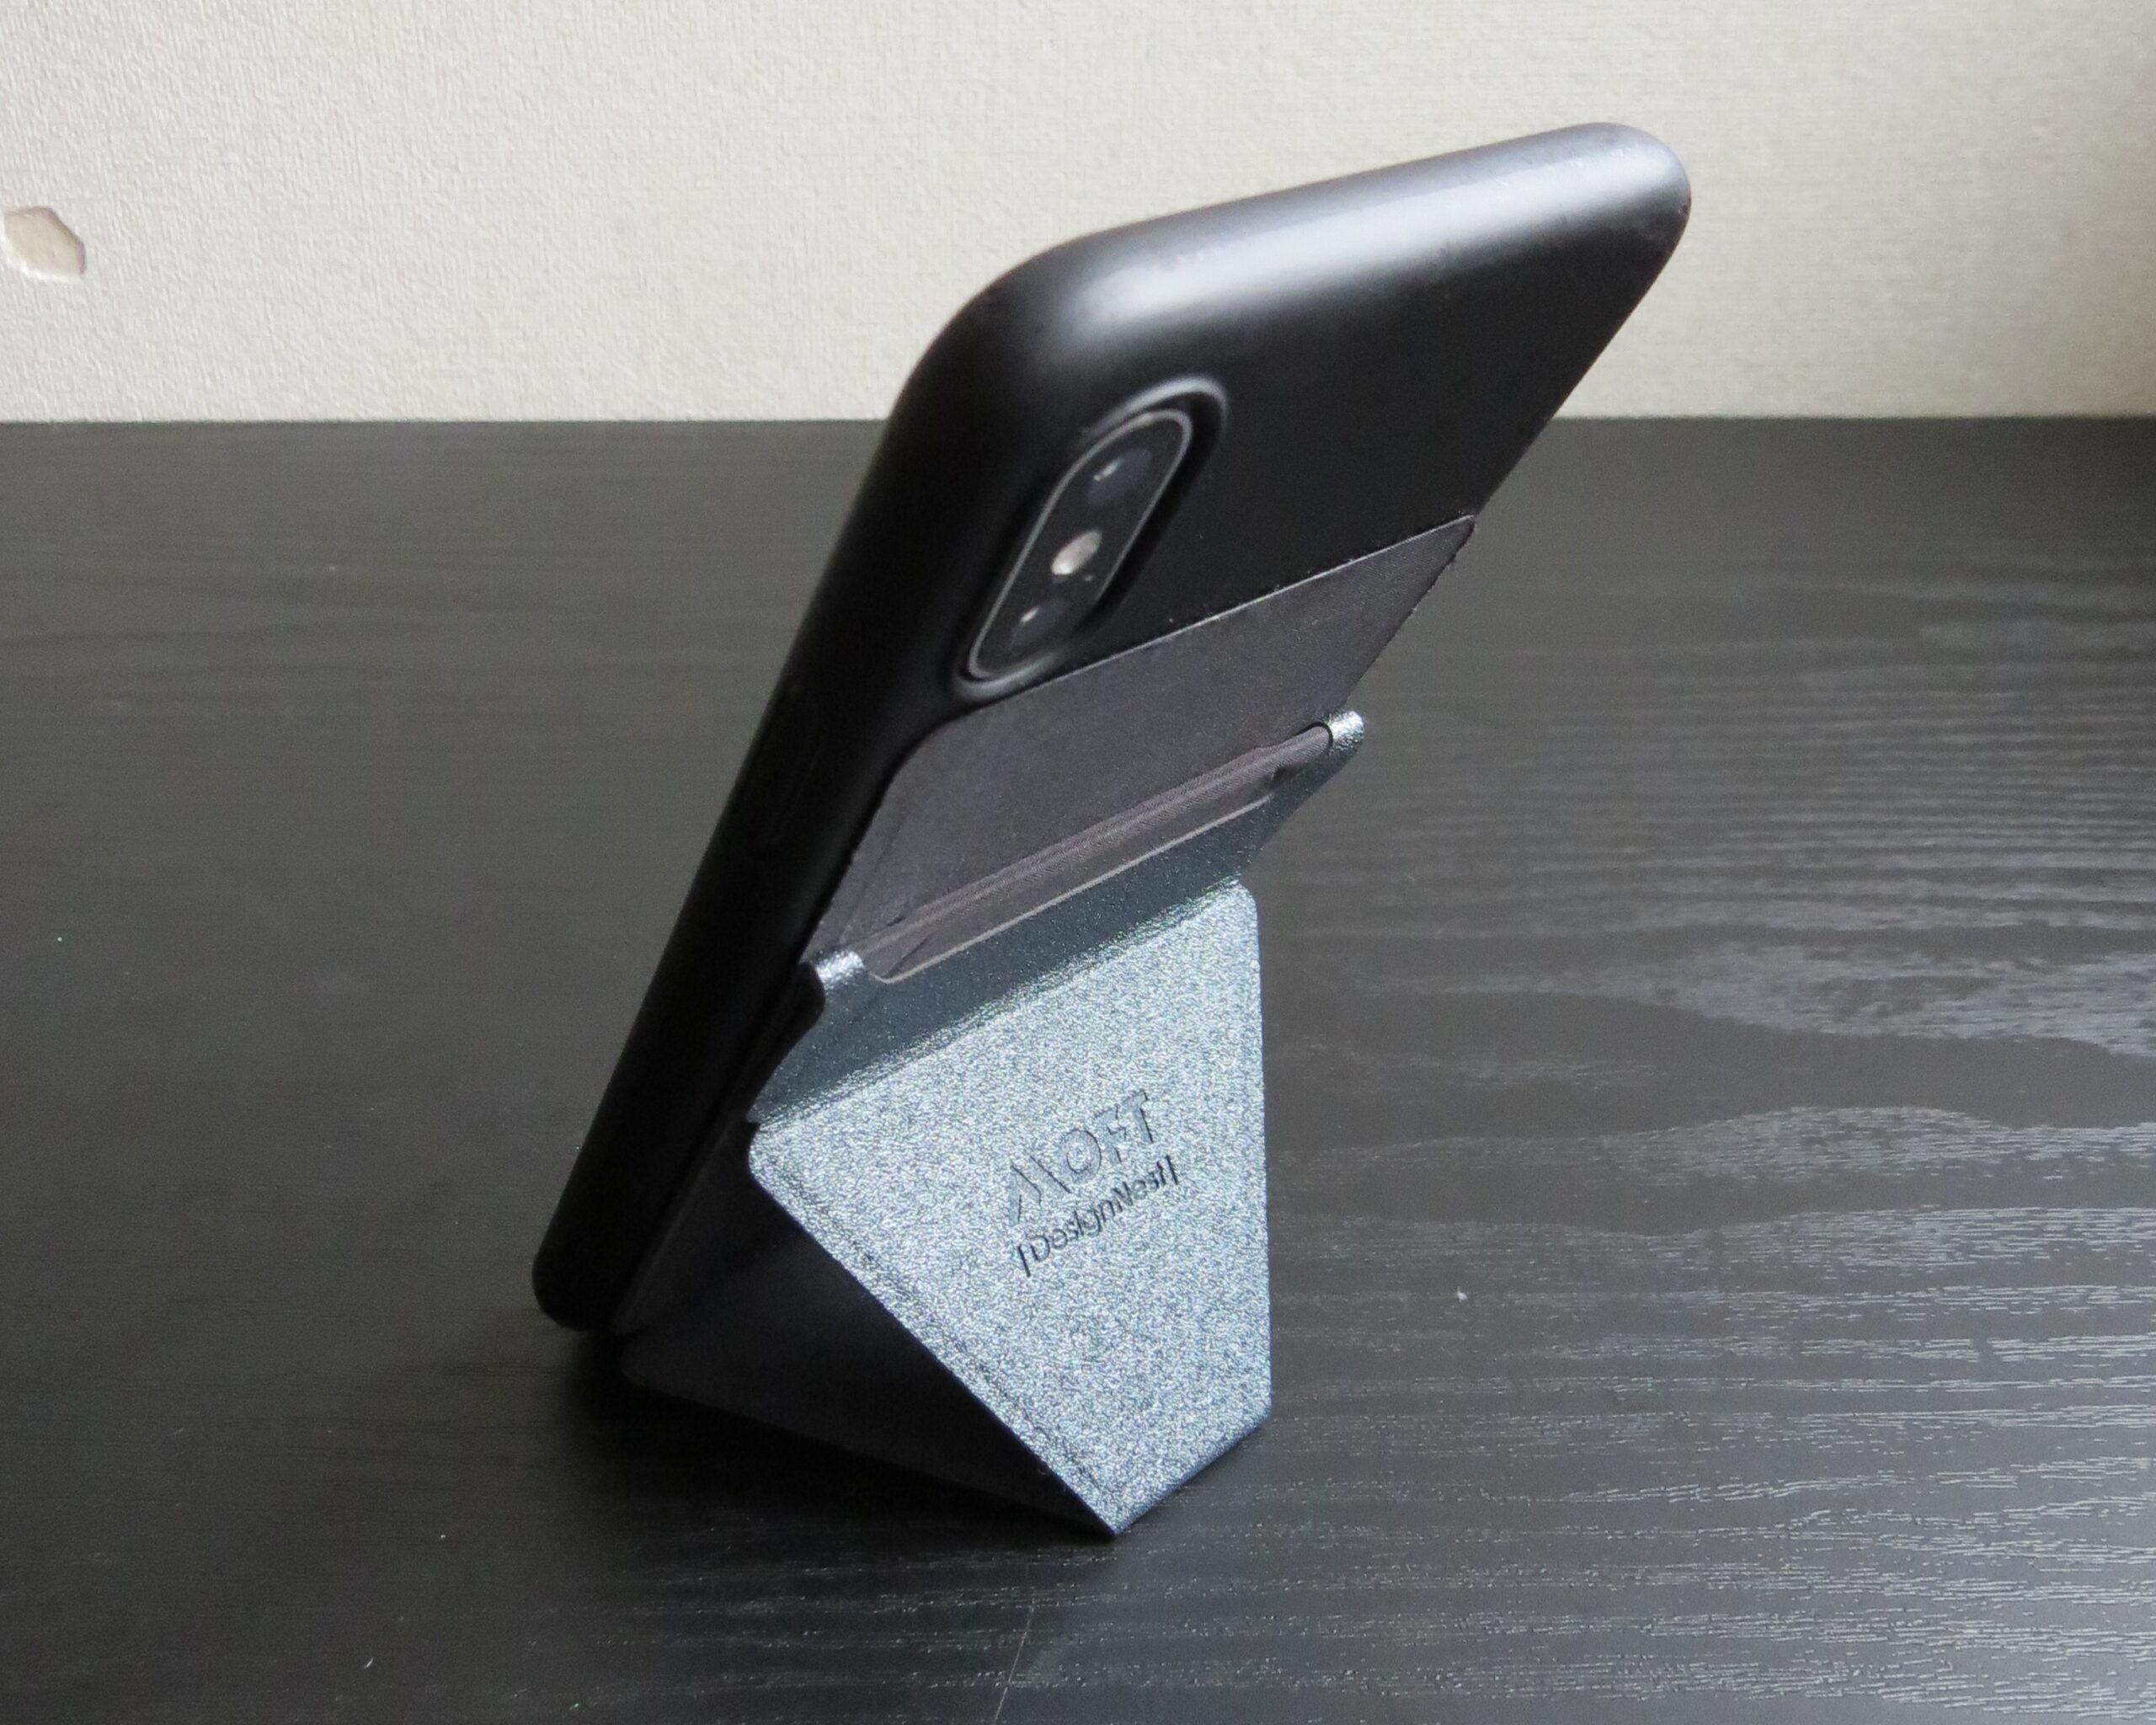 iPhoneでMOFT Xを縦スタンドとして使用